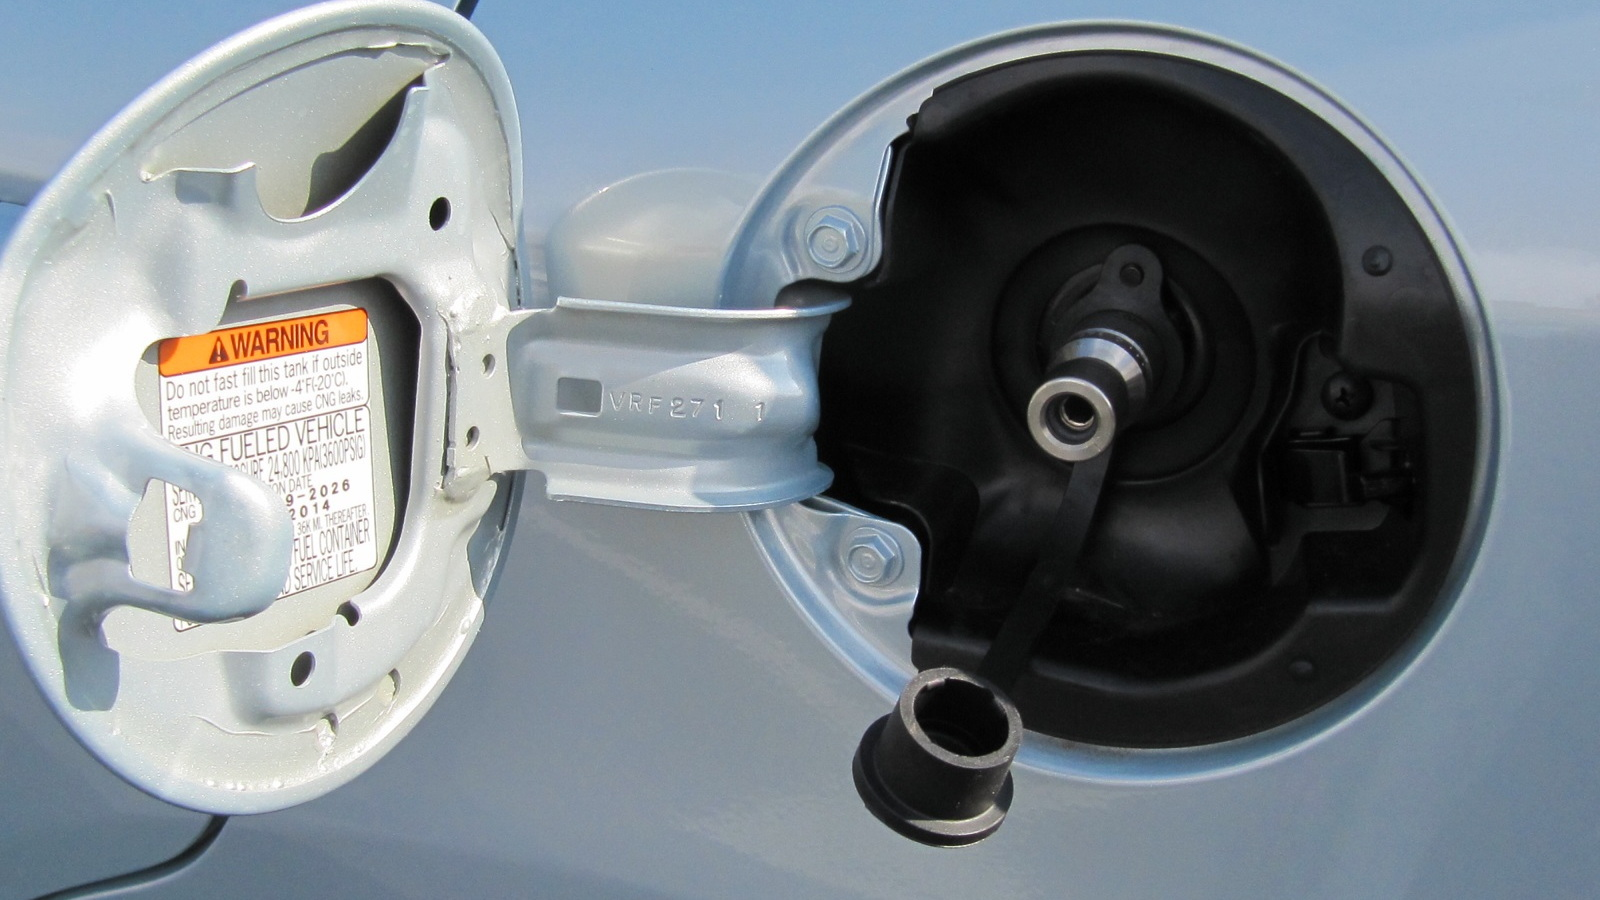 2012 Honda Civic Natural Gas, El Segundo, CA, Nov 2011